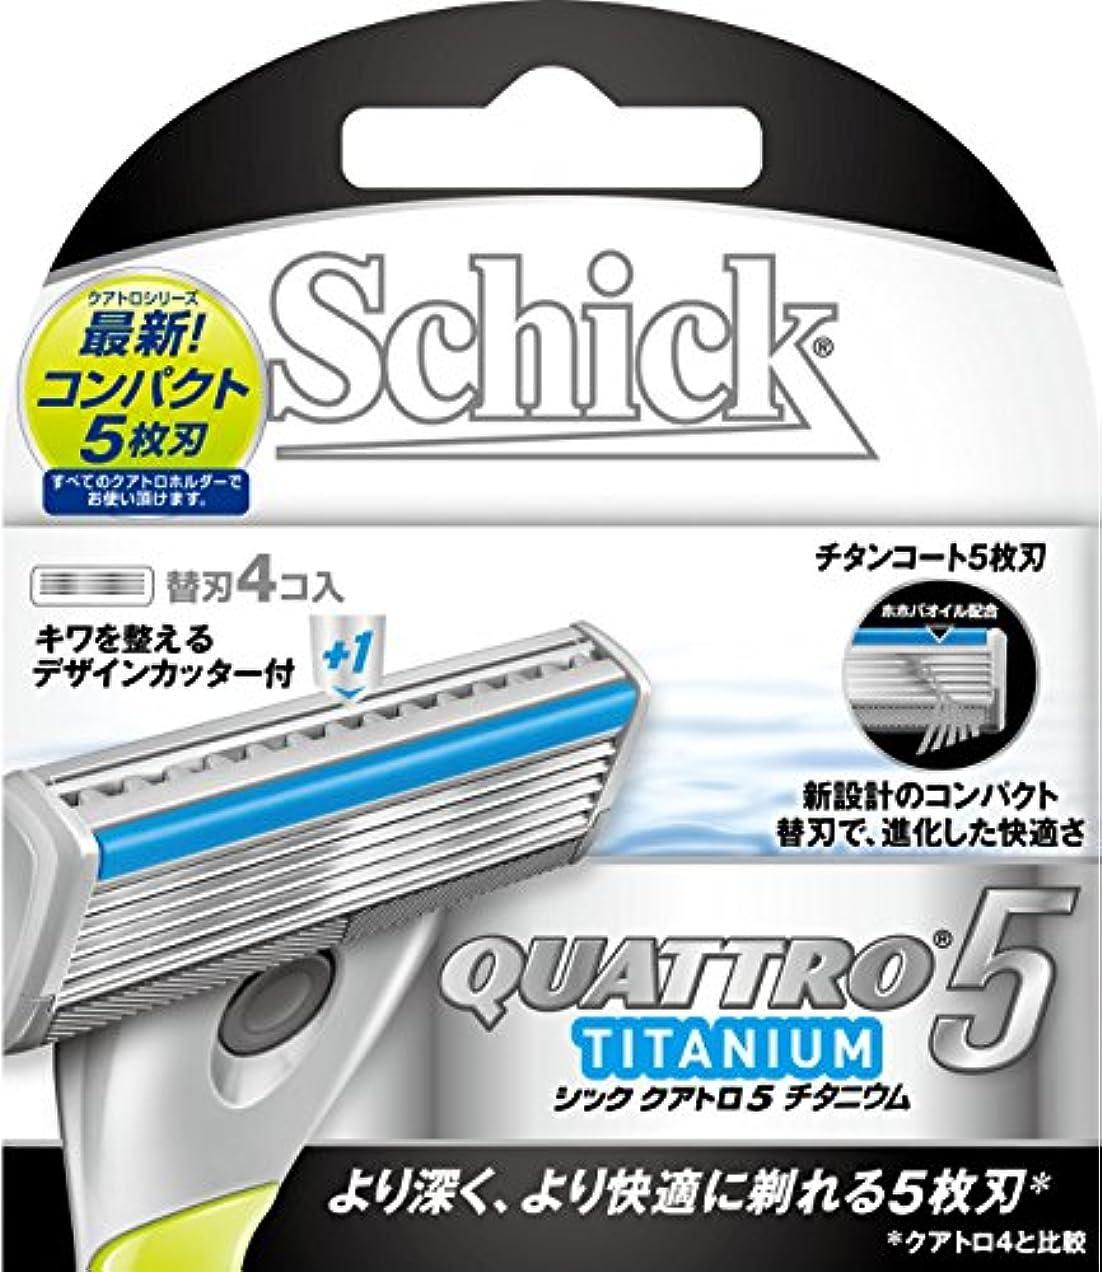 大準備したインゲンシック Schick クアトロ5 5枚刃 チタニウム 替刃 (4コ入)